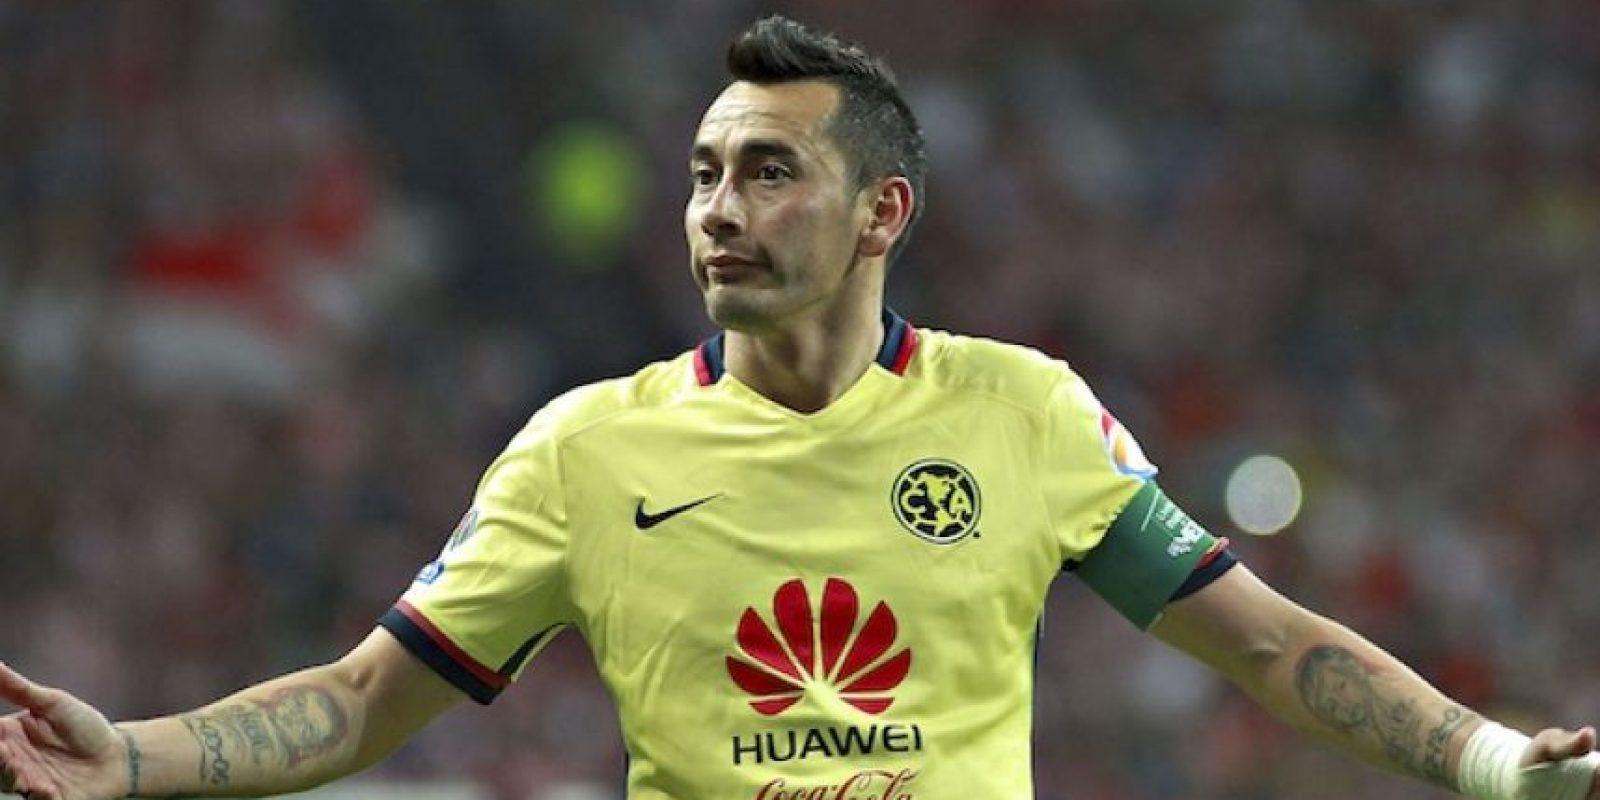 La apelación que América presentó para que Sambueza jugara el domingo no procedió. Foto:Mexsport